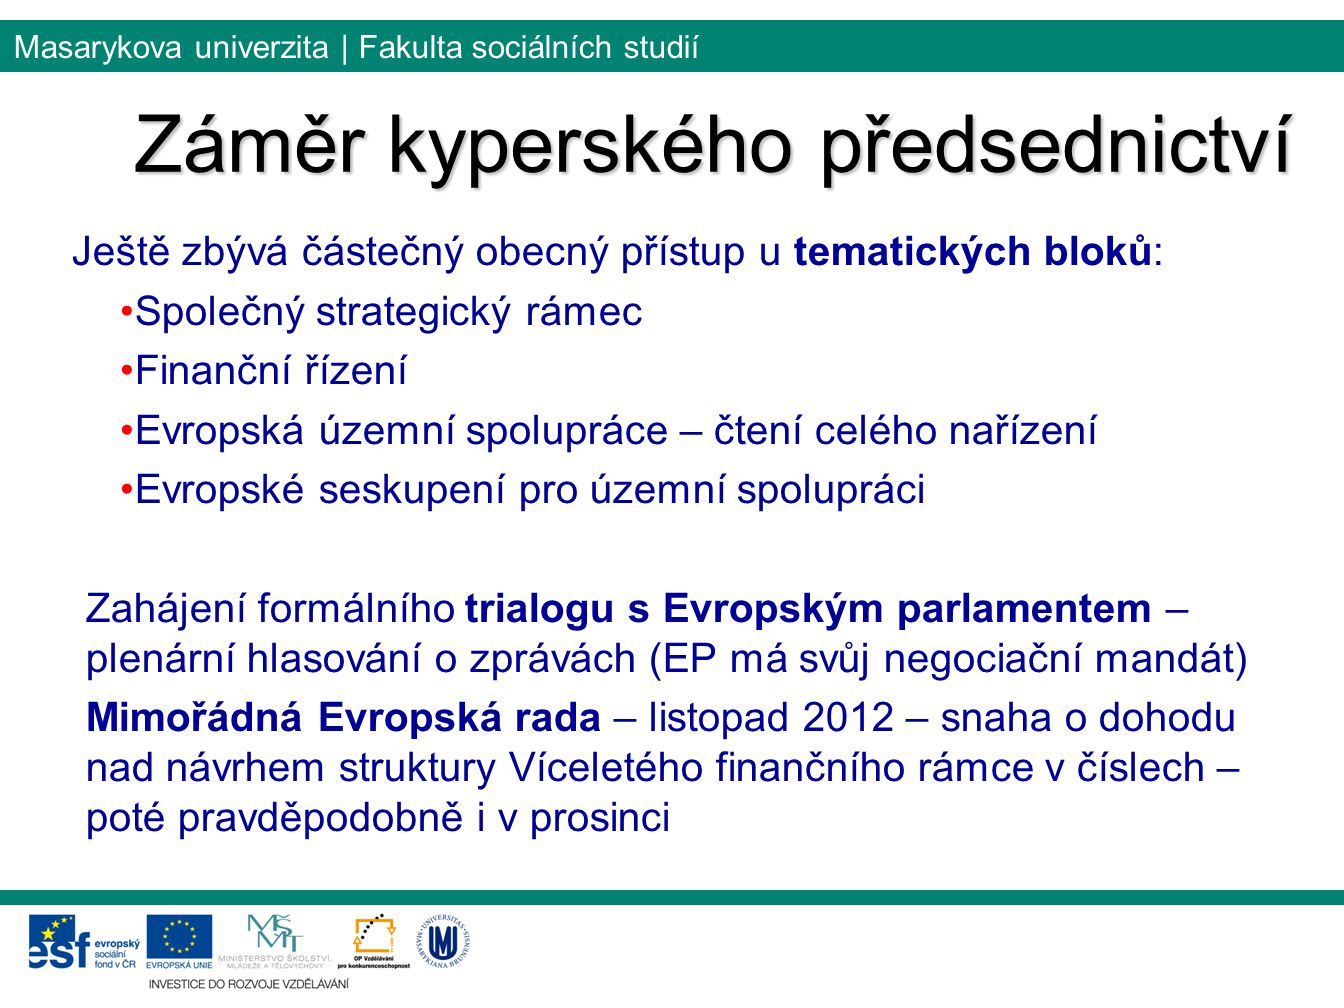 Záměr kyperského předsednictví